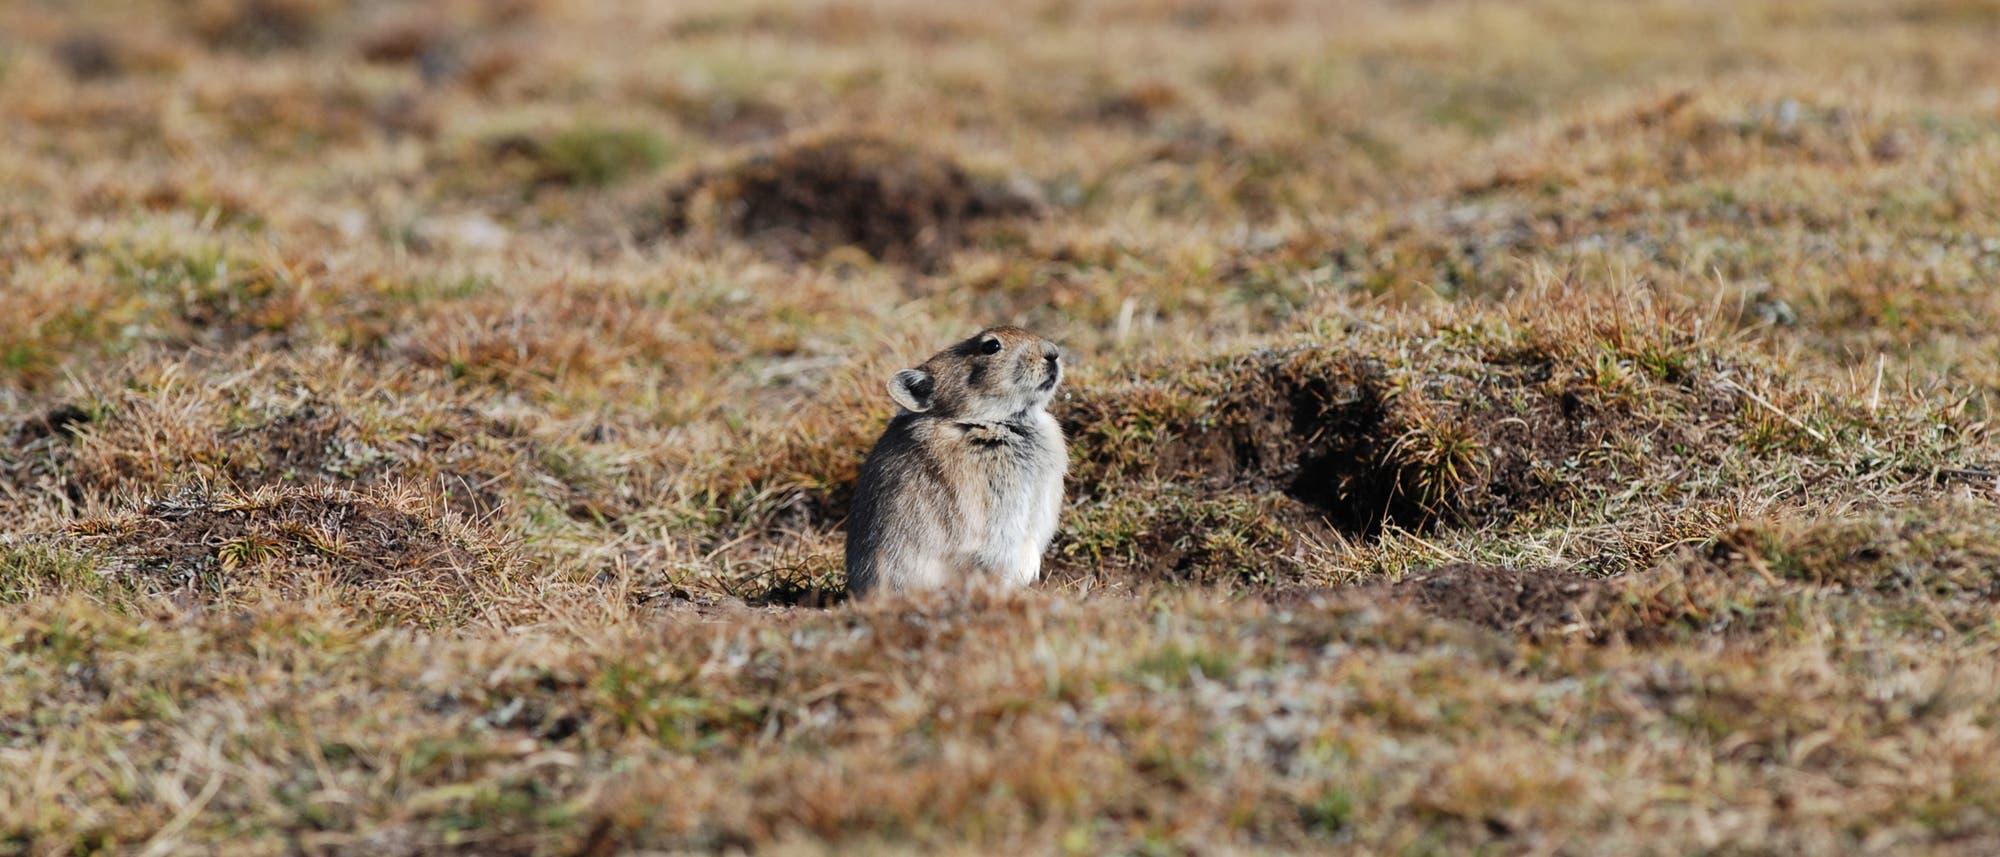 Ein kleines Tier sitzt auf niedrigem braunem Gras und guckt wachsam.